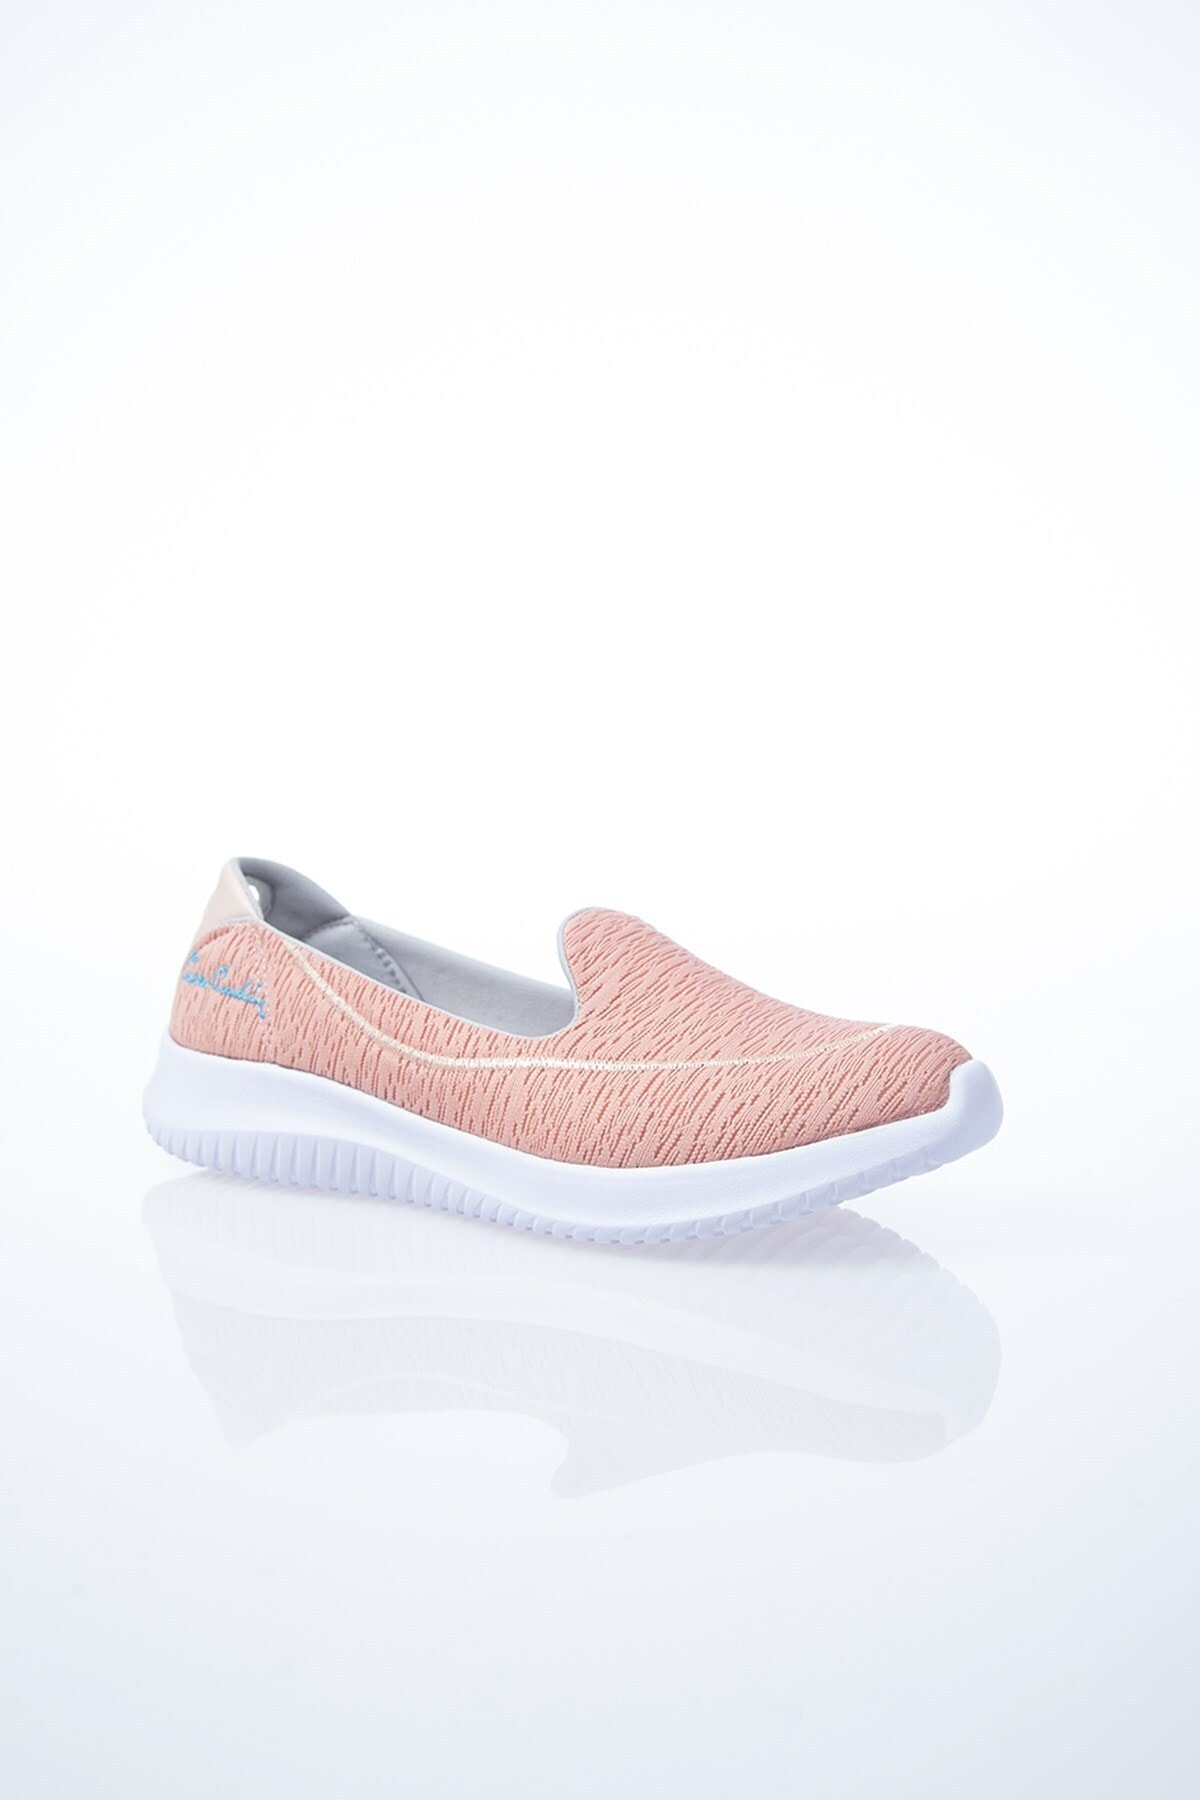 Pierre Cardin Pc-30168 Pudra Kadın Spor Ayakkabı 2